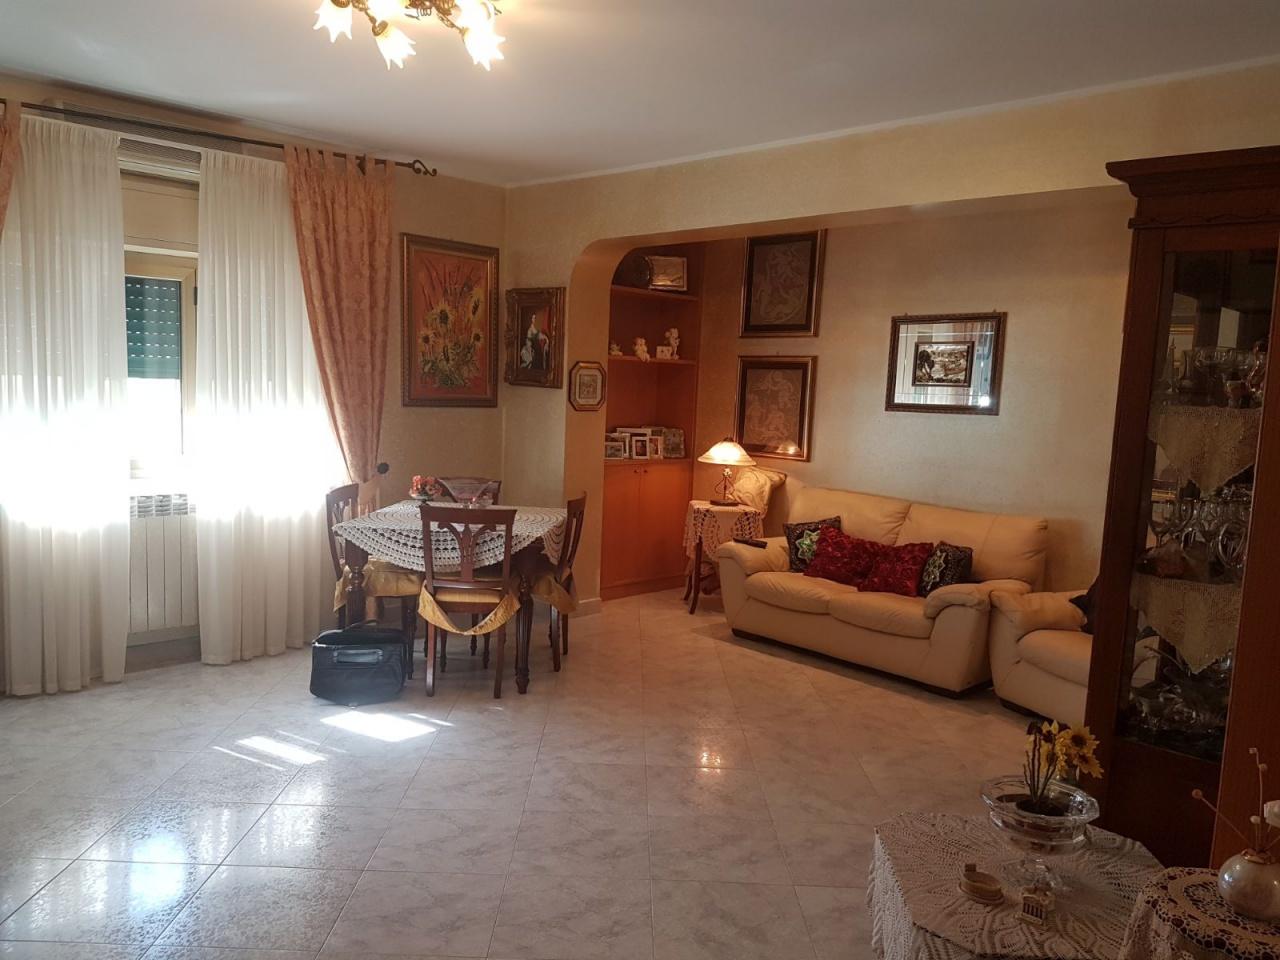 vendita appartamento messina centro citta'  139000 euro  4 locali  120 mq